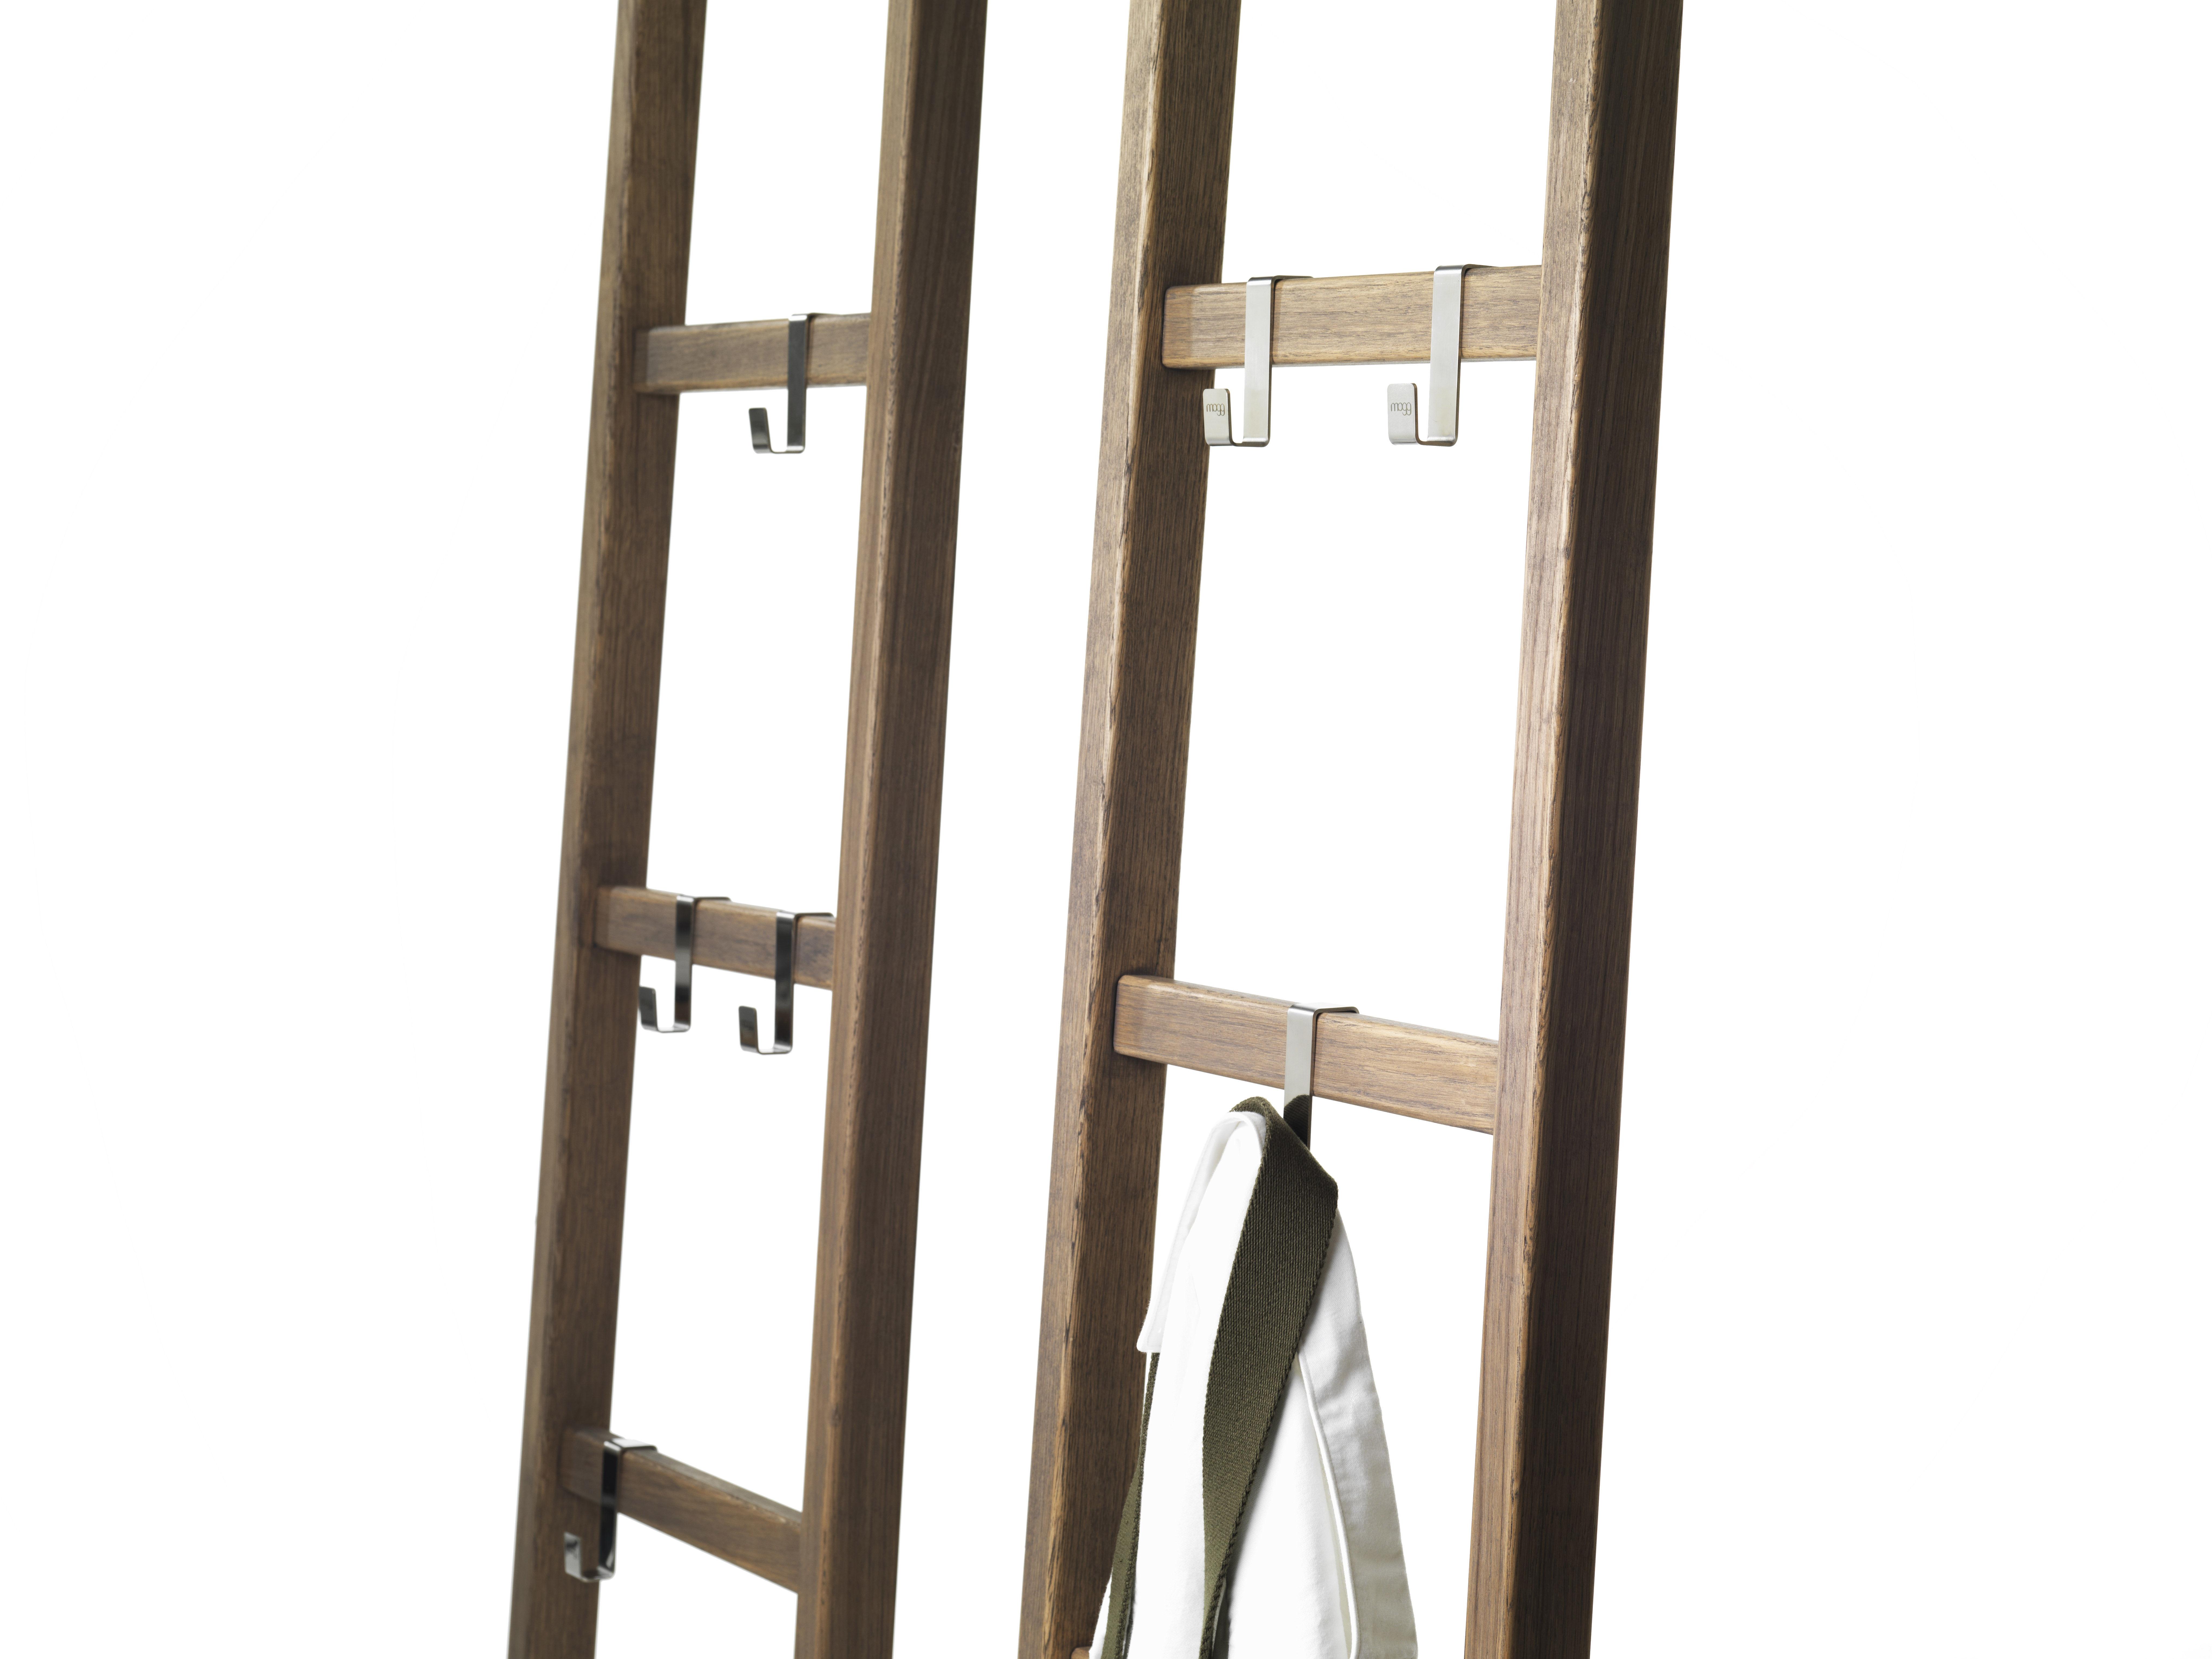 Scaletta In Legno Per Bagno : Scopri portemanteau lumineux alla scala h cm scala legno